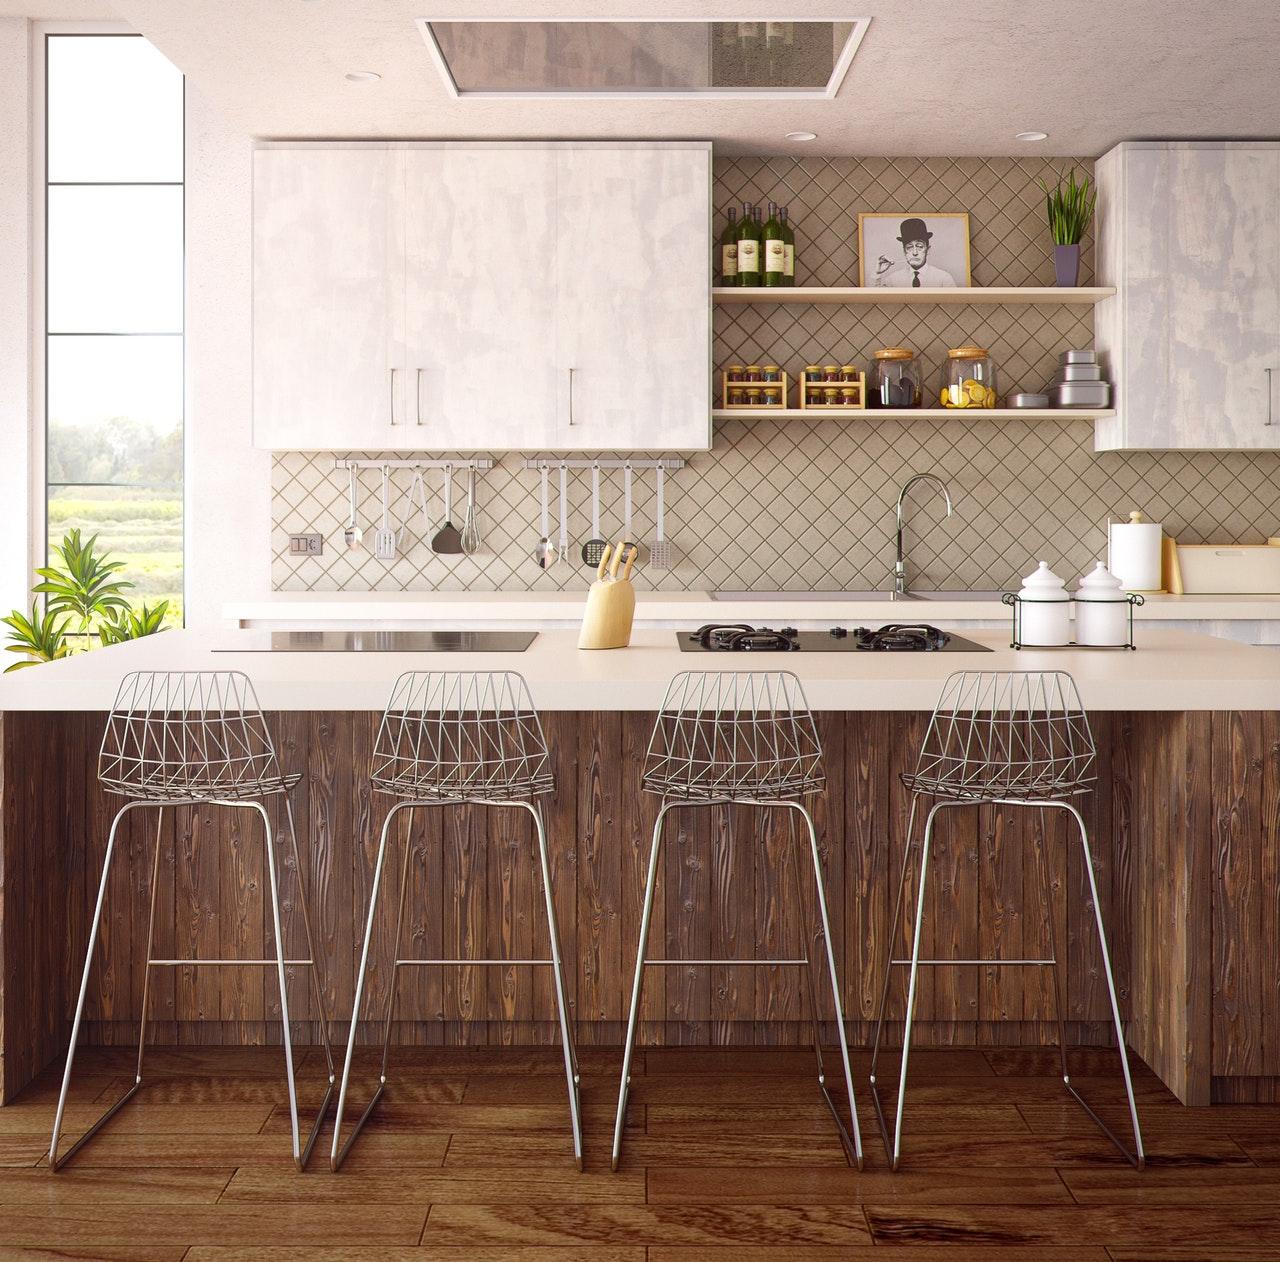 Cucina open space, per spazi piccoli e grandi - Arredamenti ...